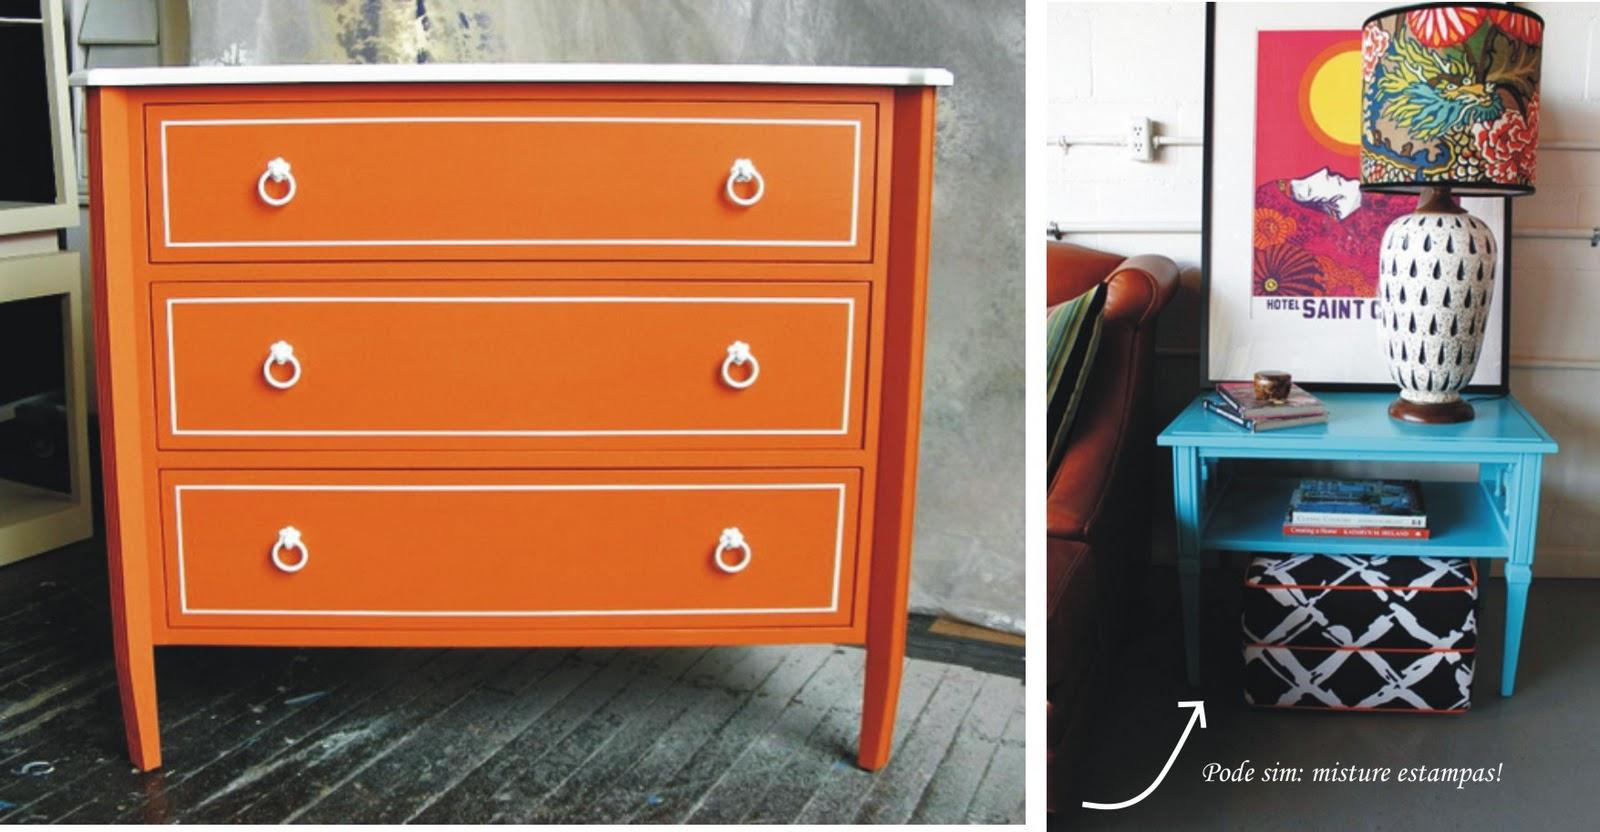 Móveis usados: renove com pintura!:Decoração Top #B0531B 1600x832